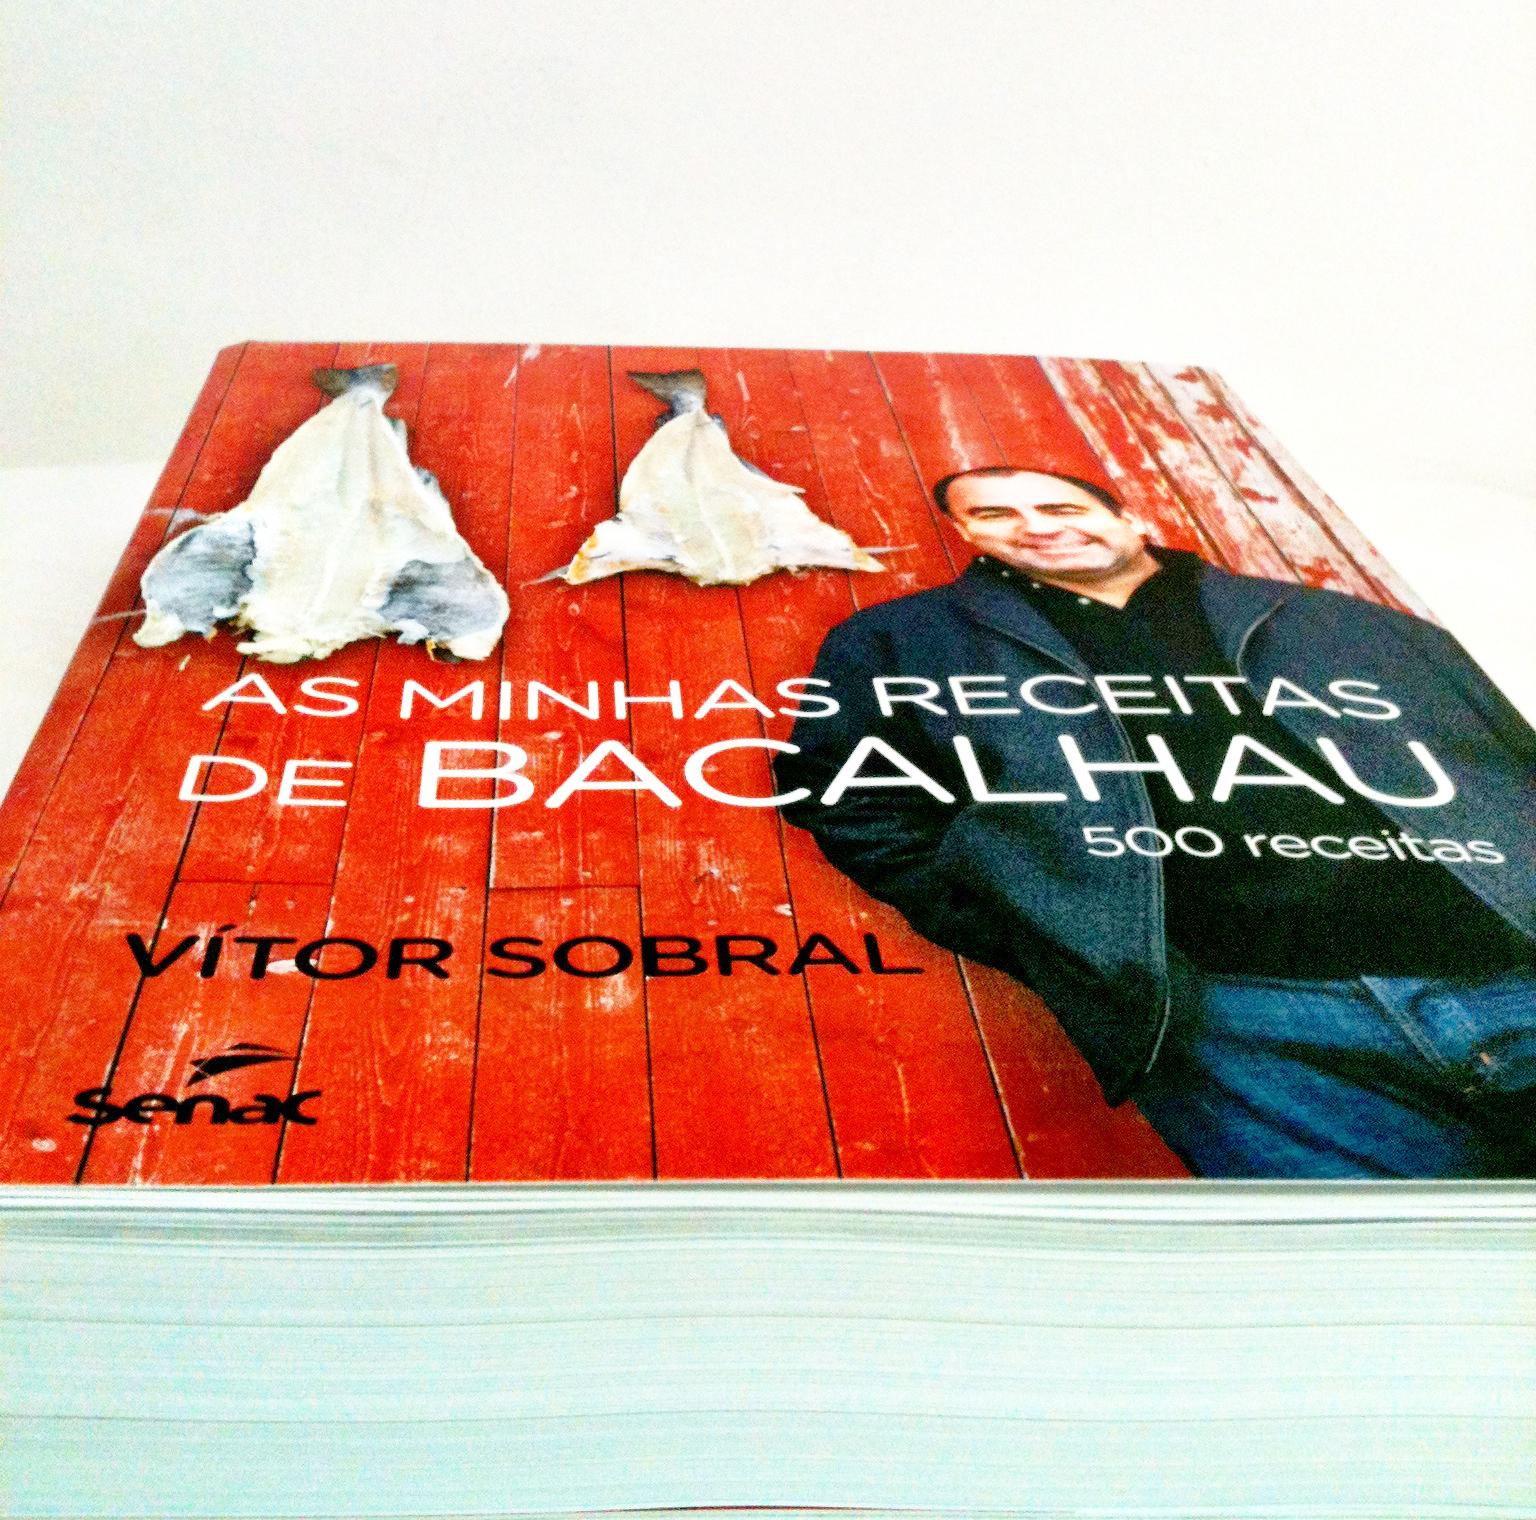 #BF2B0C Livro As minhas receitas de Bacalhau: 500 receitas de Vítor Sobral 1536x1520 px Programa Cozinha Brasil Receitas_3936 Imagens